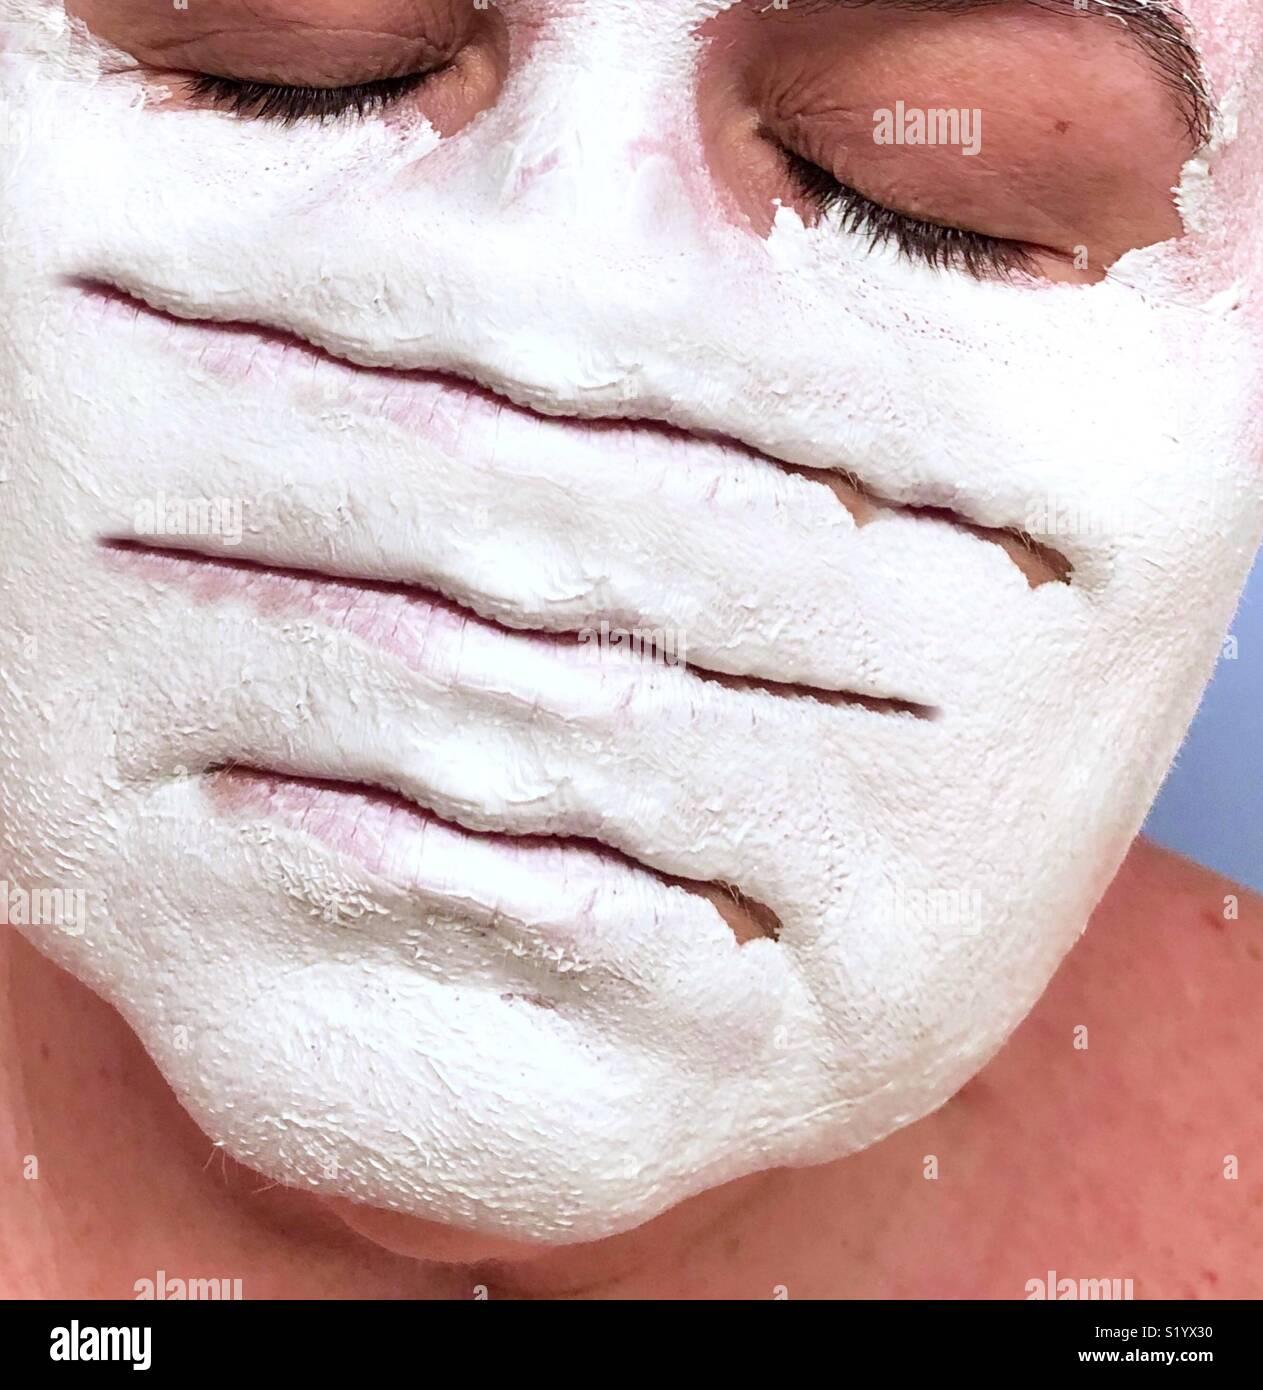 Résumé un artwork d'une femme aux yeux clos portait un masque de boue d'argile avec trois ensembles de lèvres Photo Stock